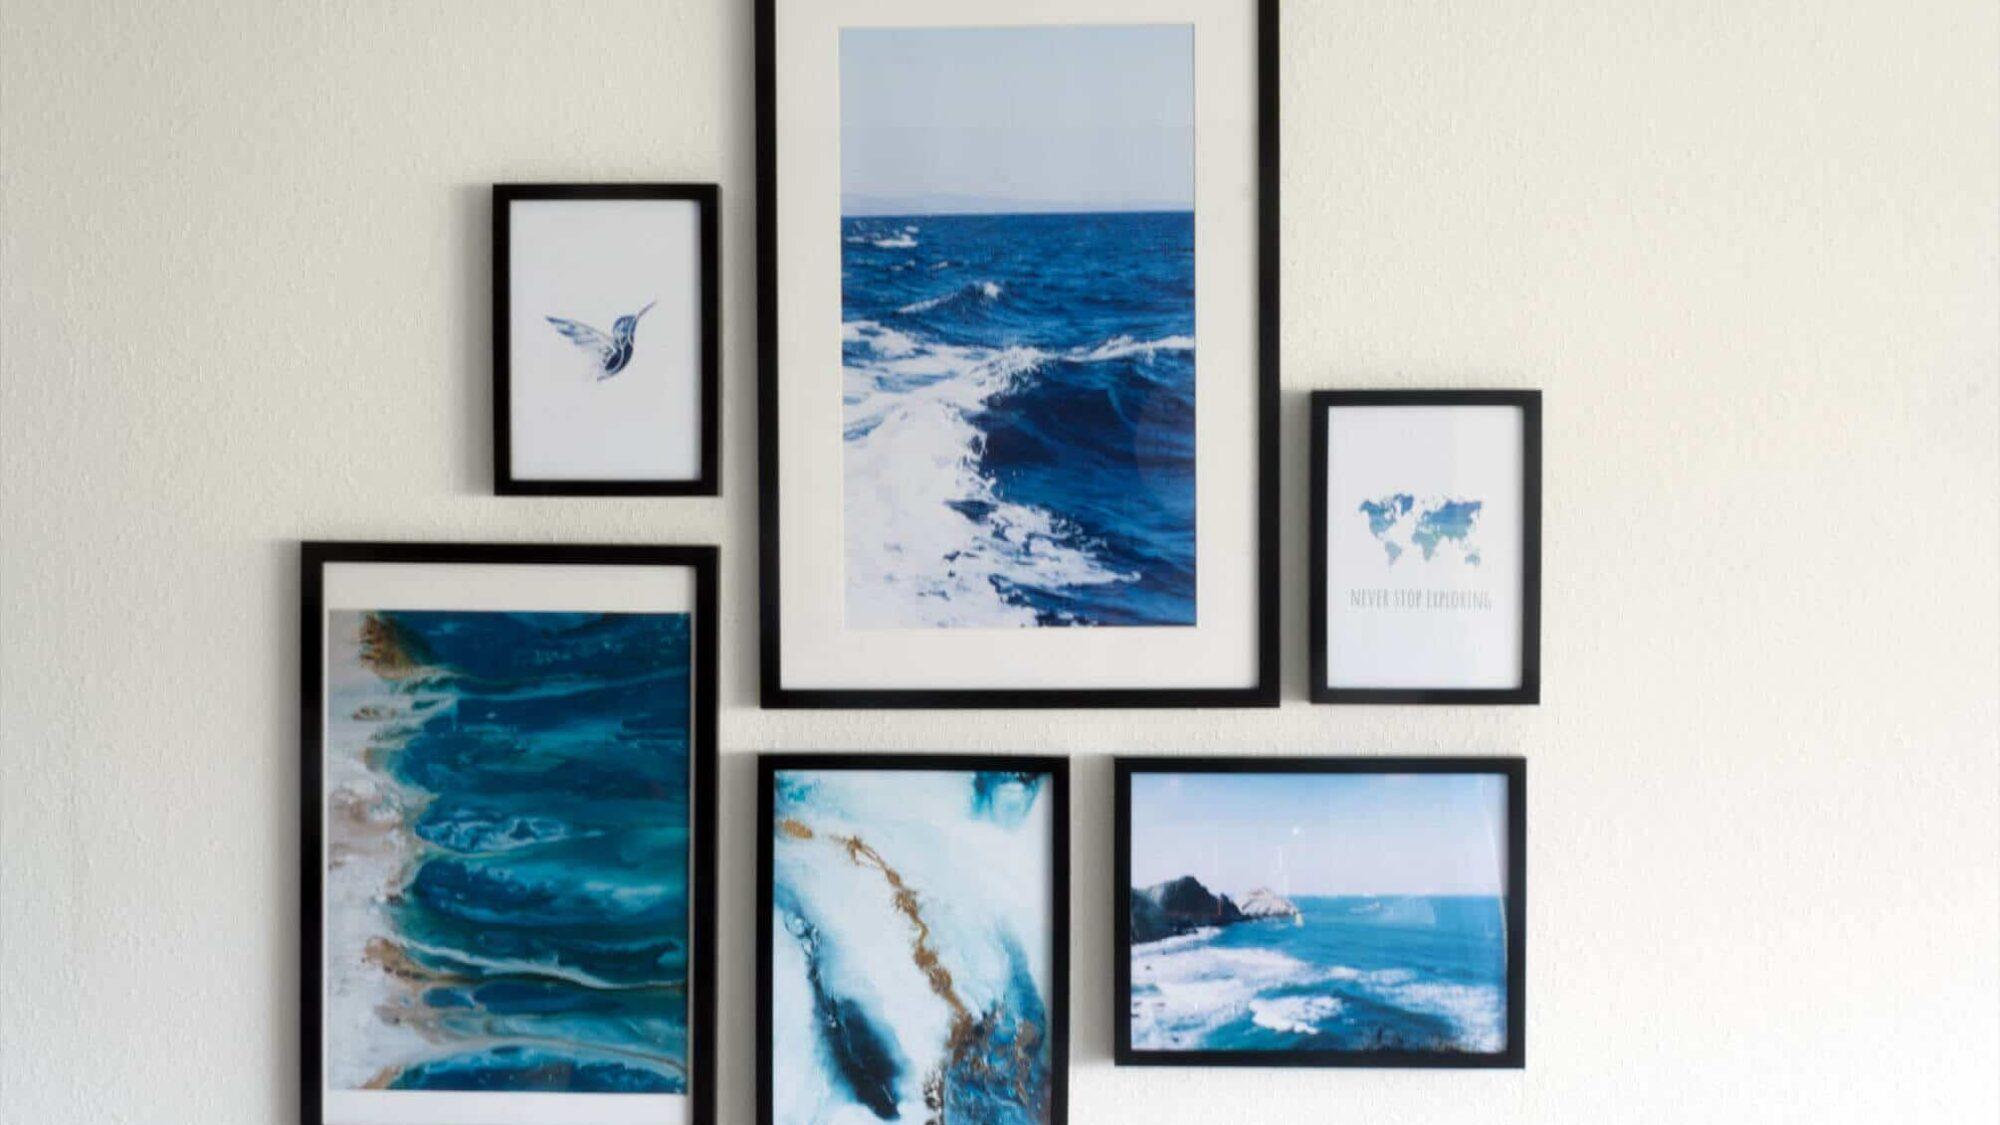 Wand mit Meer und Wellen Motiven